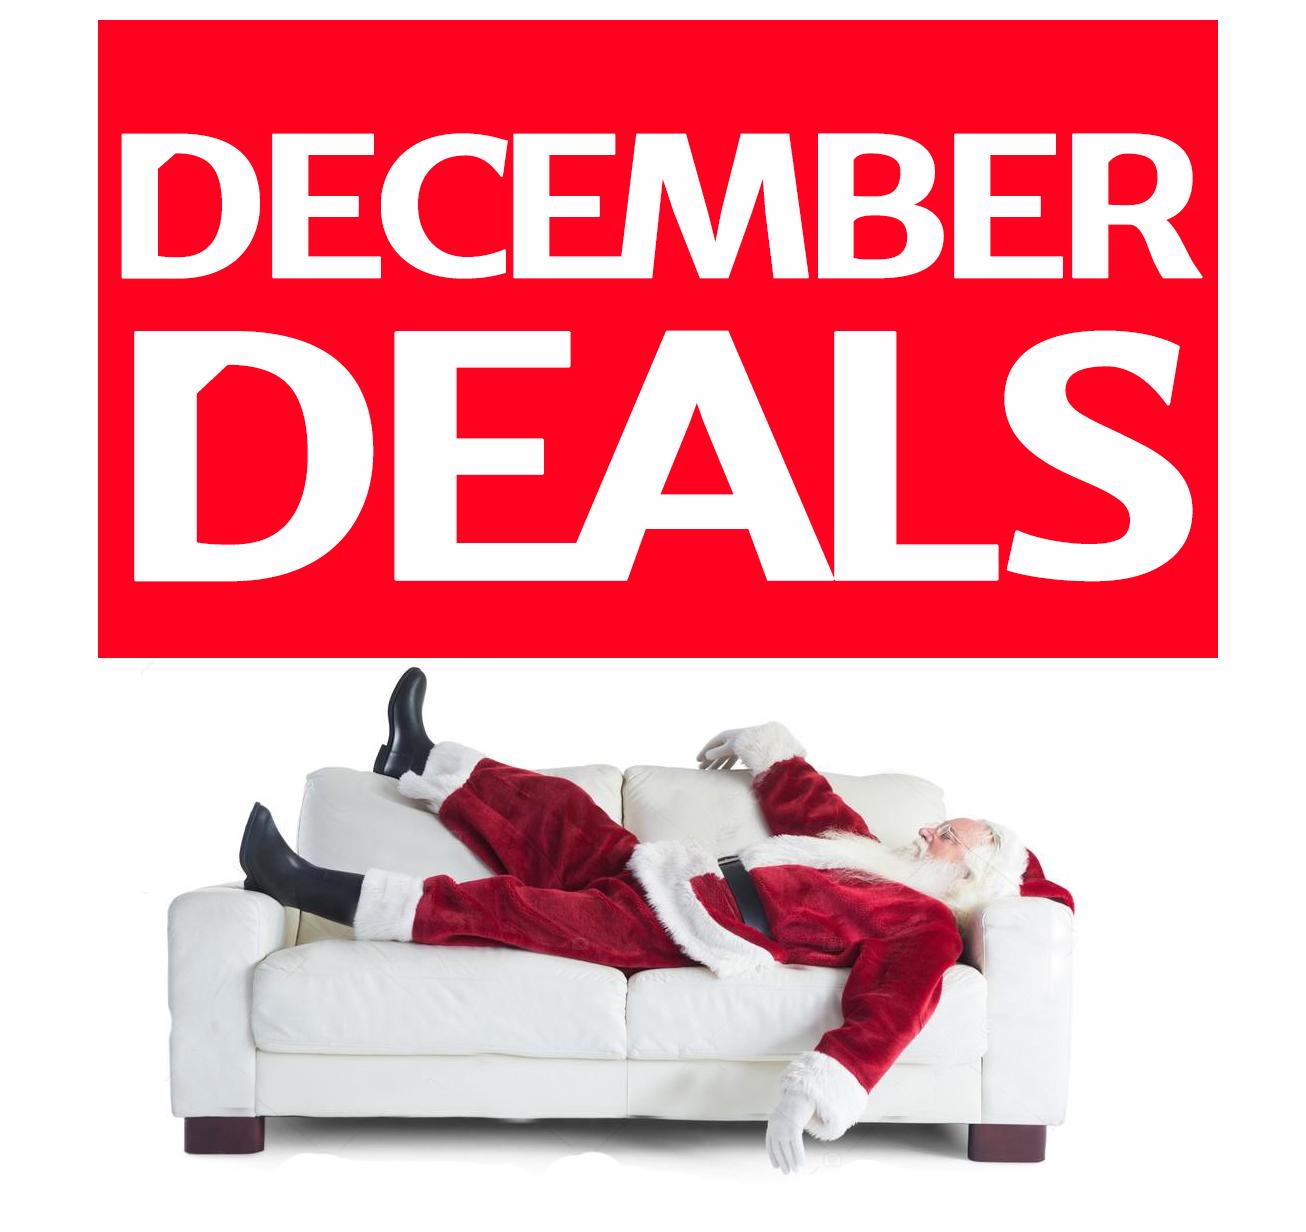 DecemberDeals